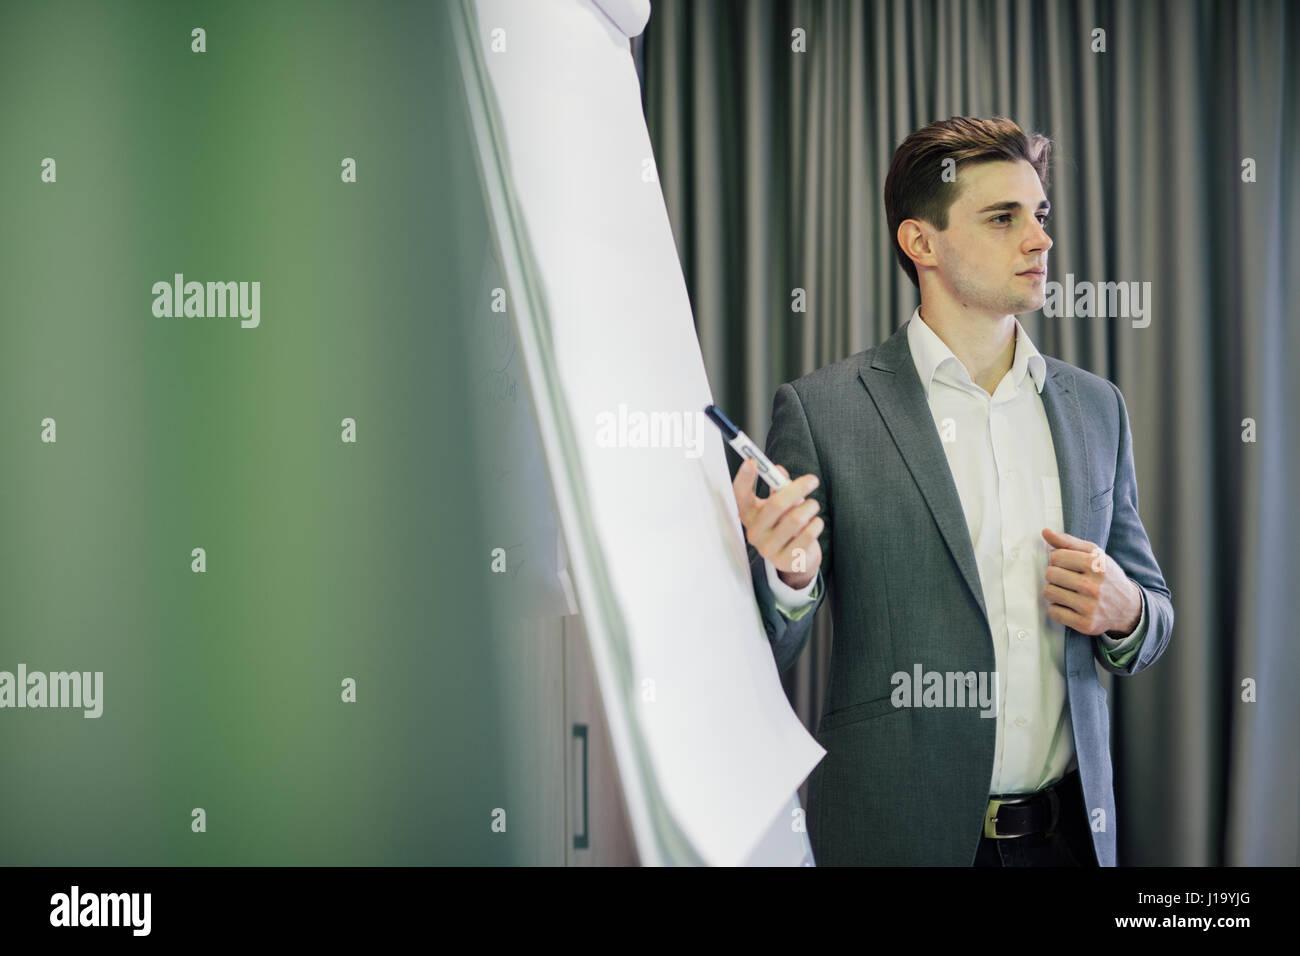 Ritratto di un imprenditore fiducioso rendendo la presentazione sulla lavagna a fogli mobili Immagini Stock